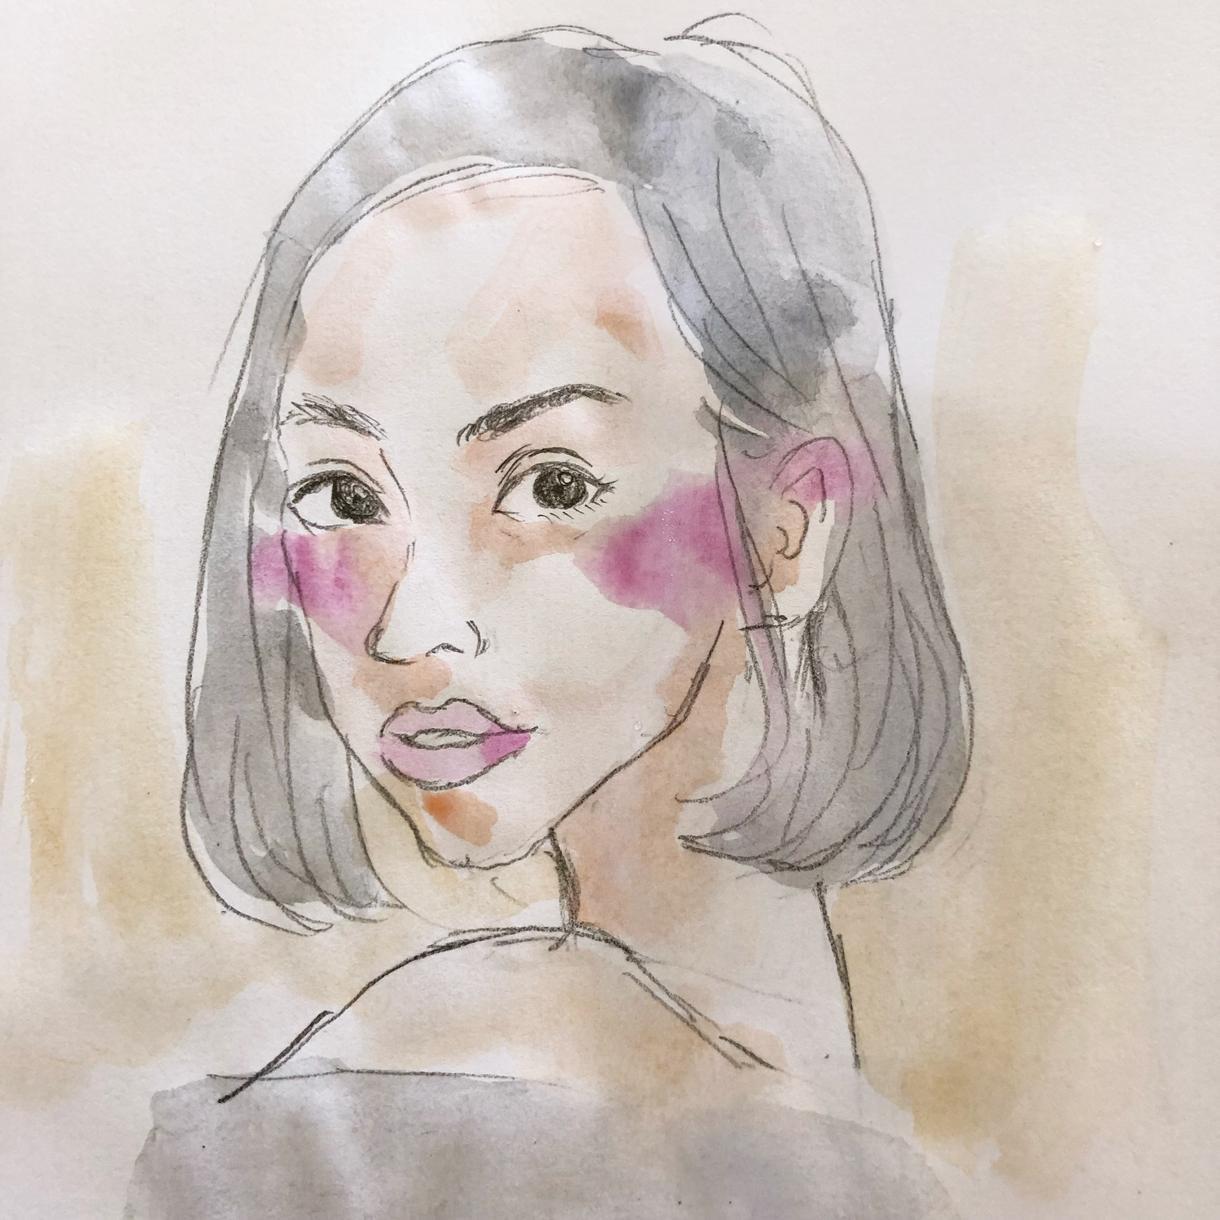 水彩画の似顔絵描きます アイコンなどに最適です!優しい雰囲気で描きます!